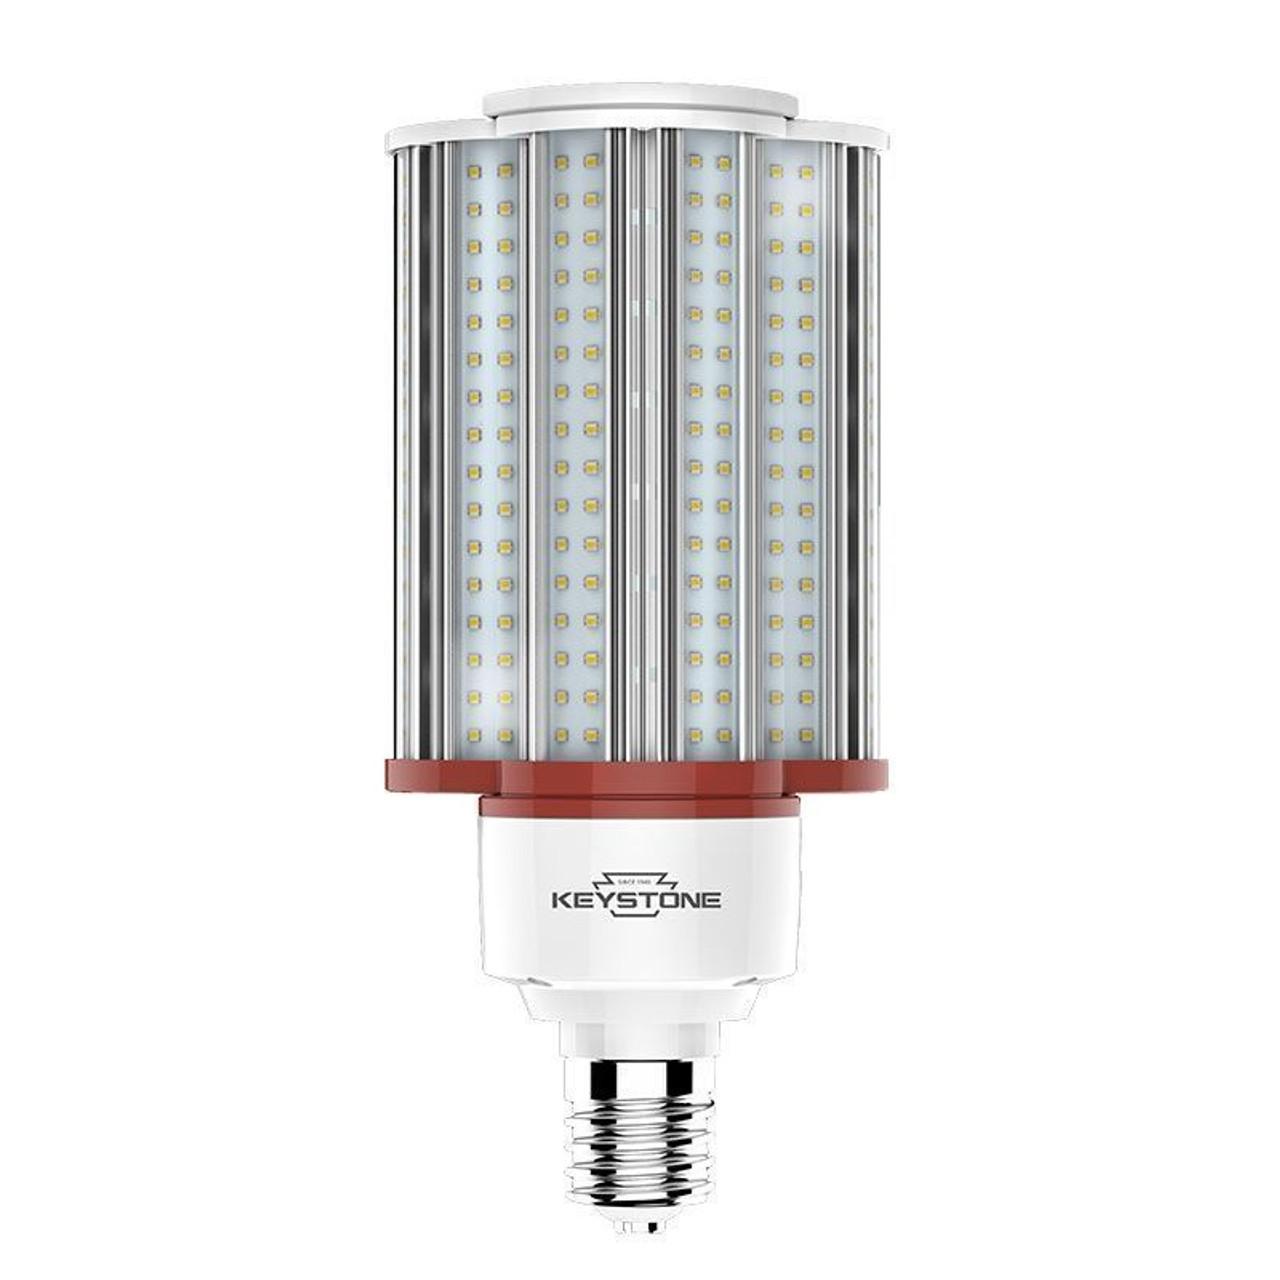 175 Watt Metal Halide Pulse Start Flood Light Fixture UL Listed